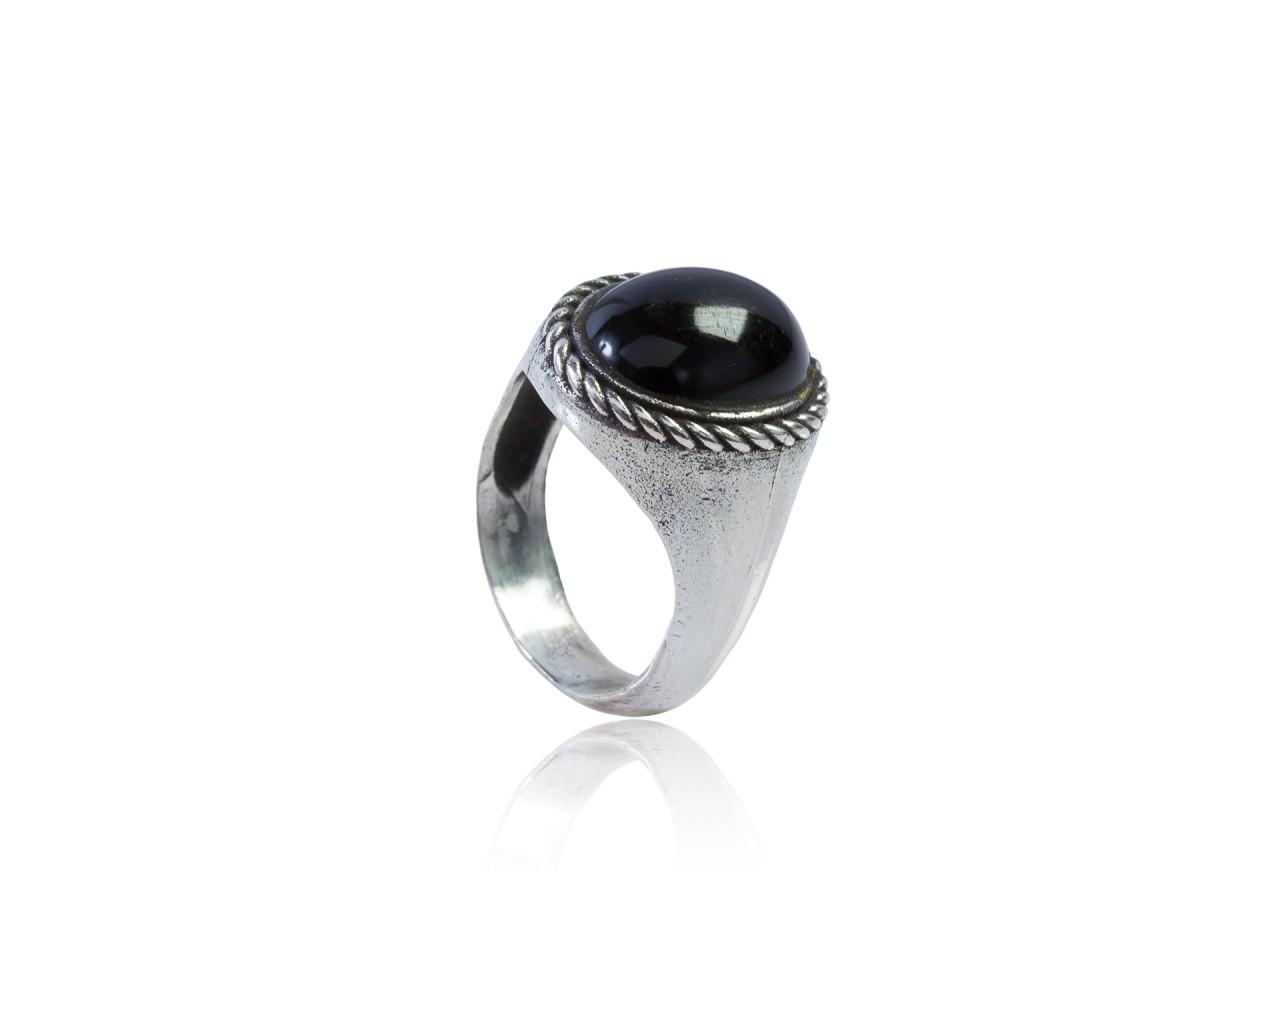 Anello in argento 925 con finitura brunita e lucidata,con pietra di onice nero Modello ANARON01